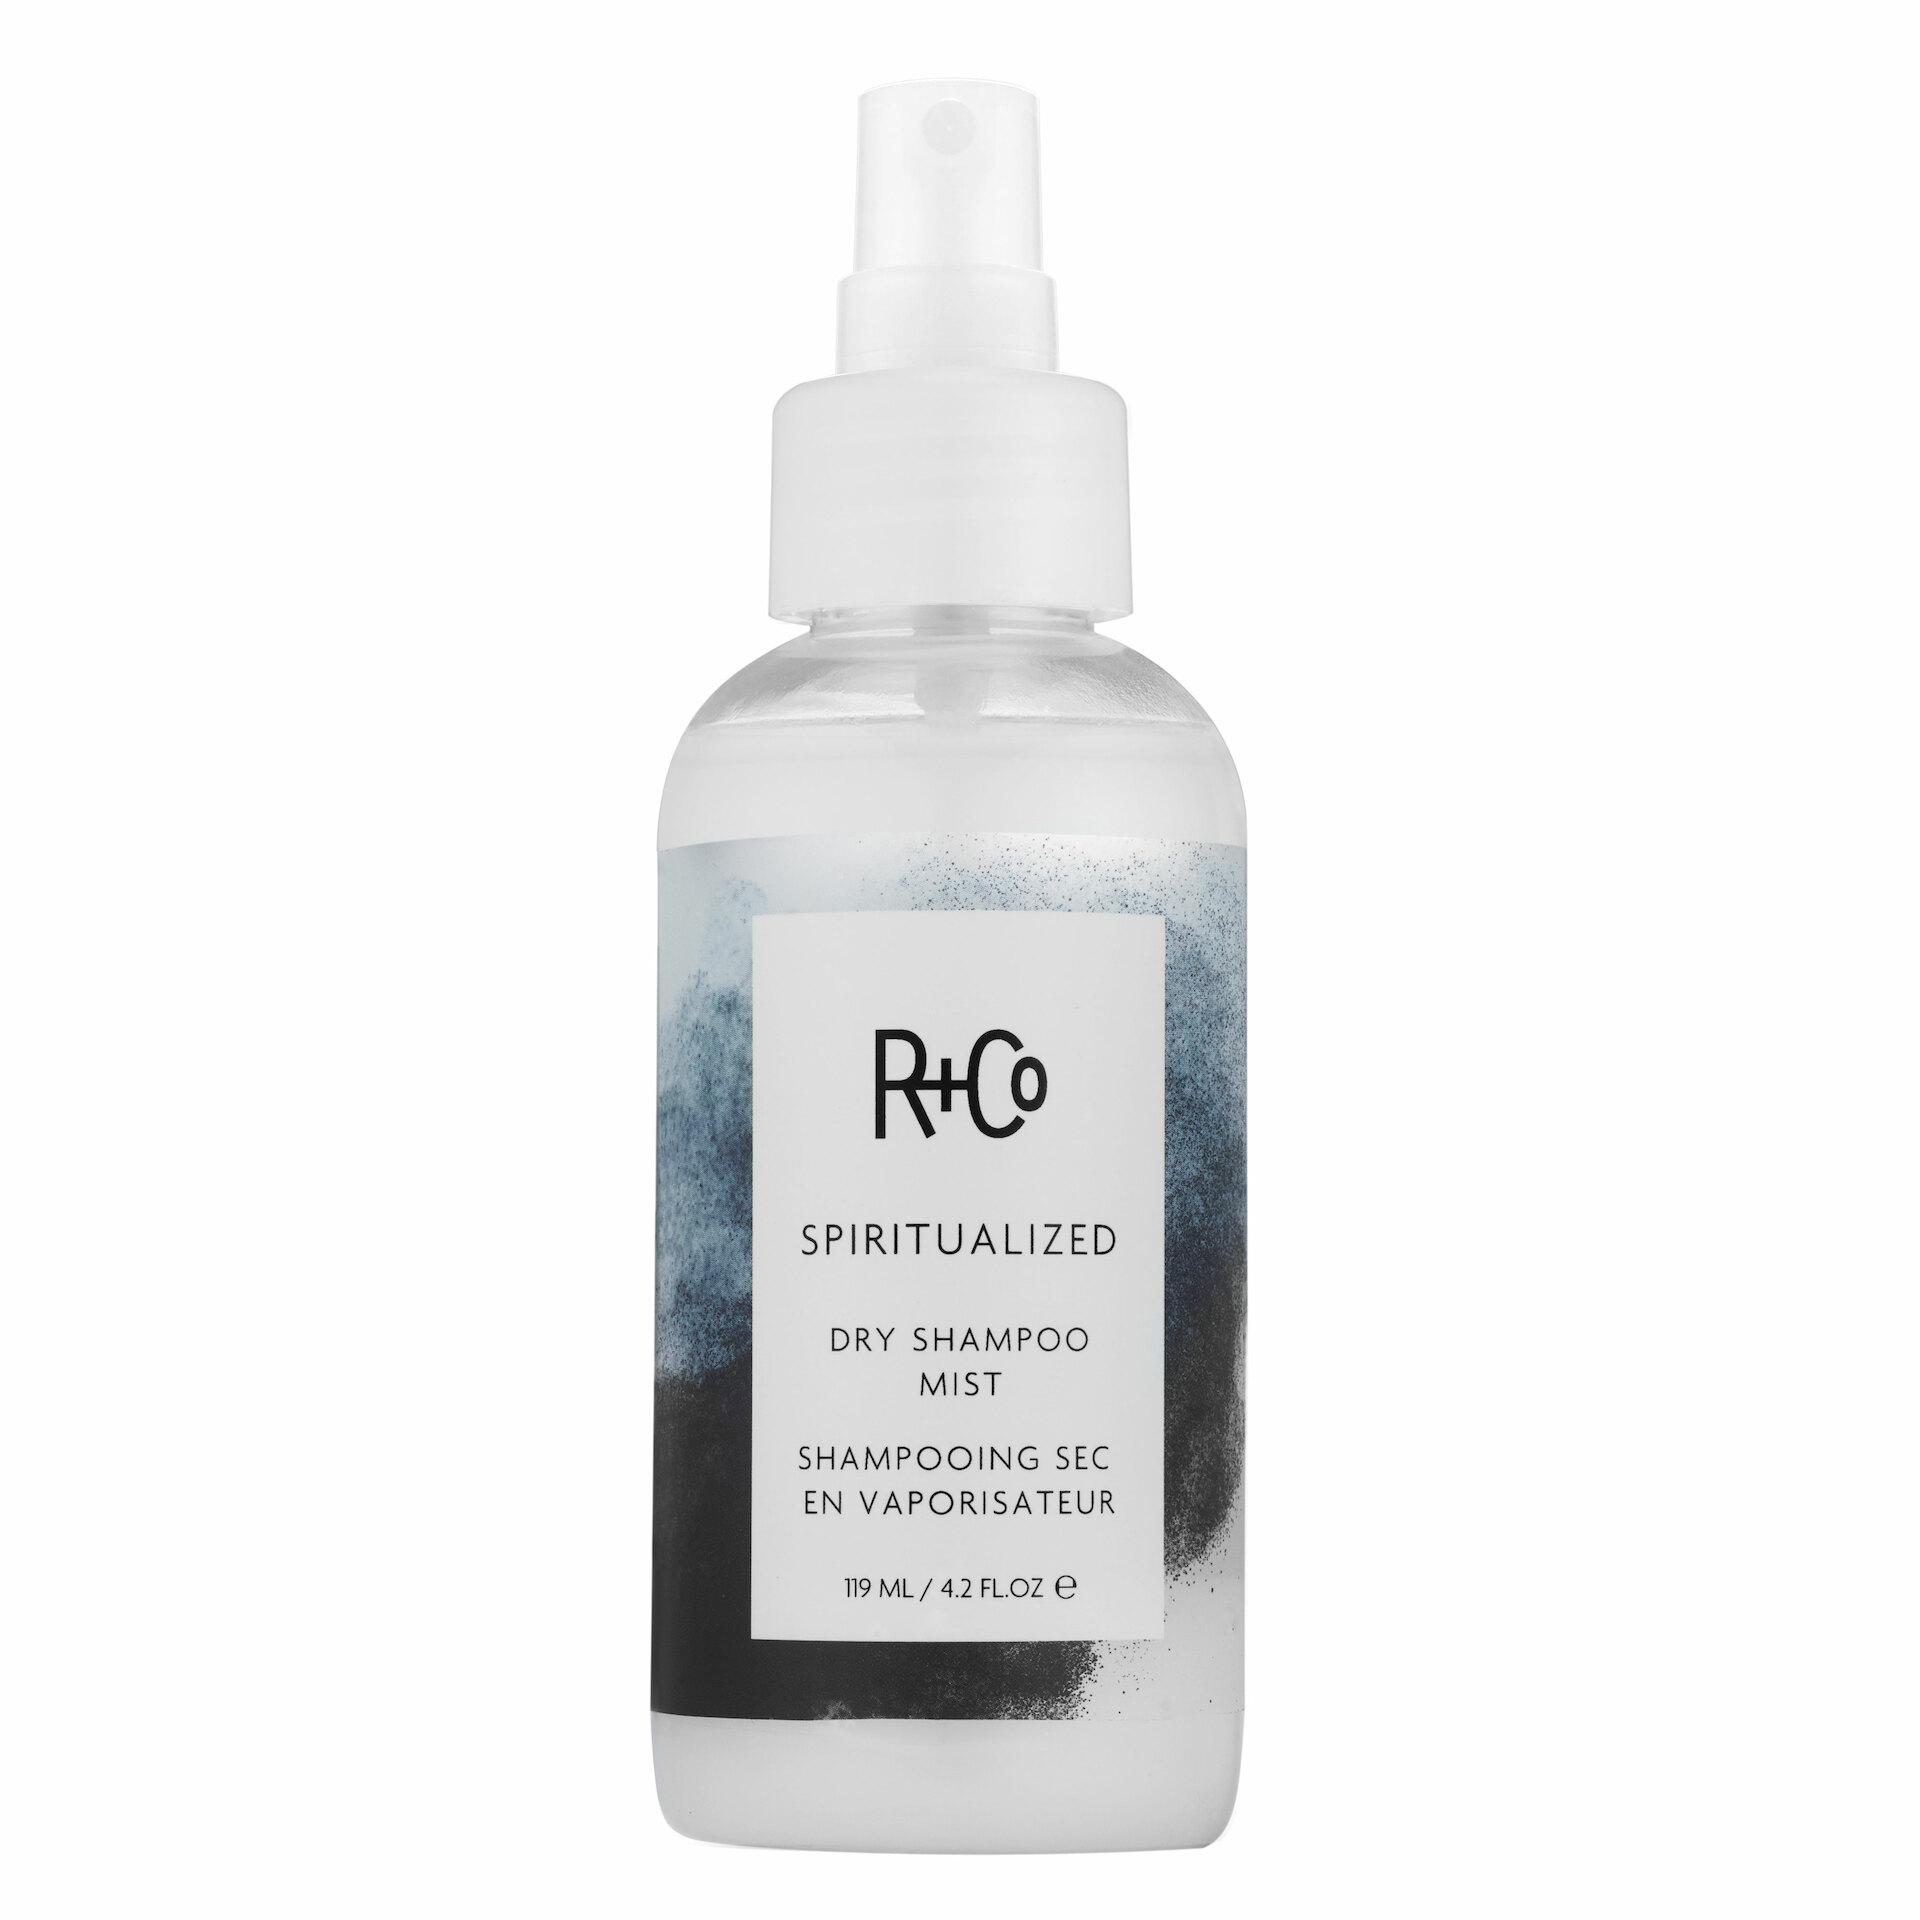 Spiritualized Dry Shampoo Mist 119ml